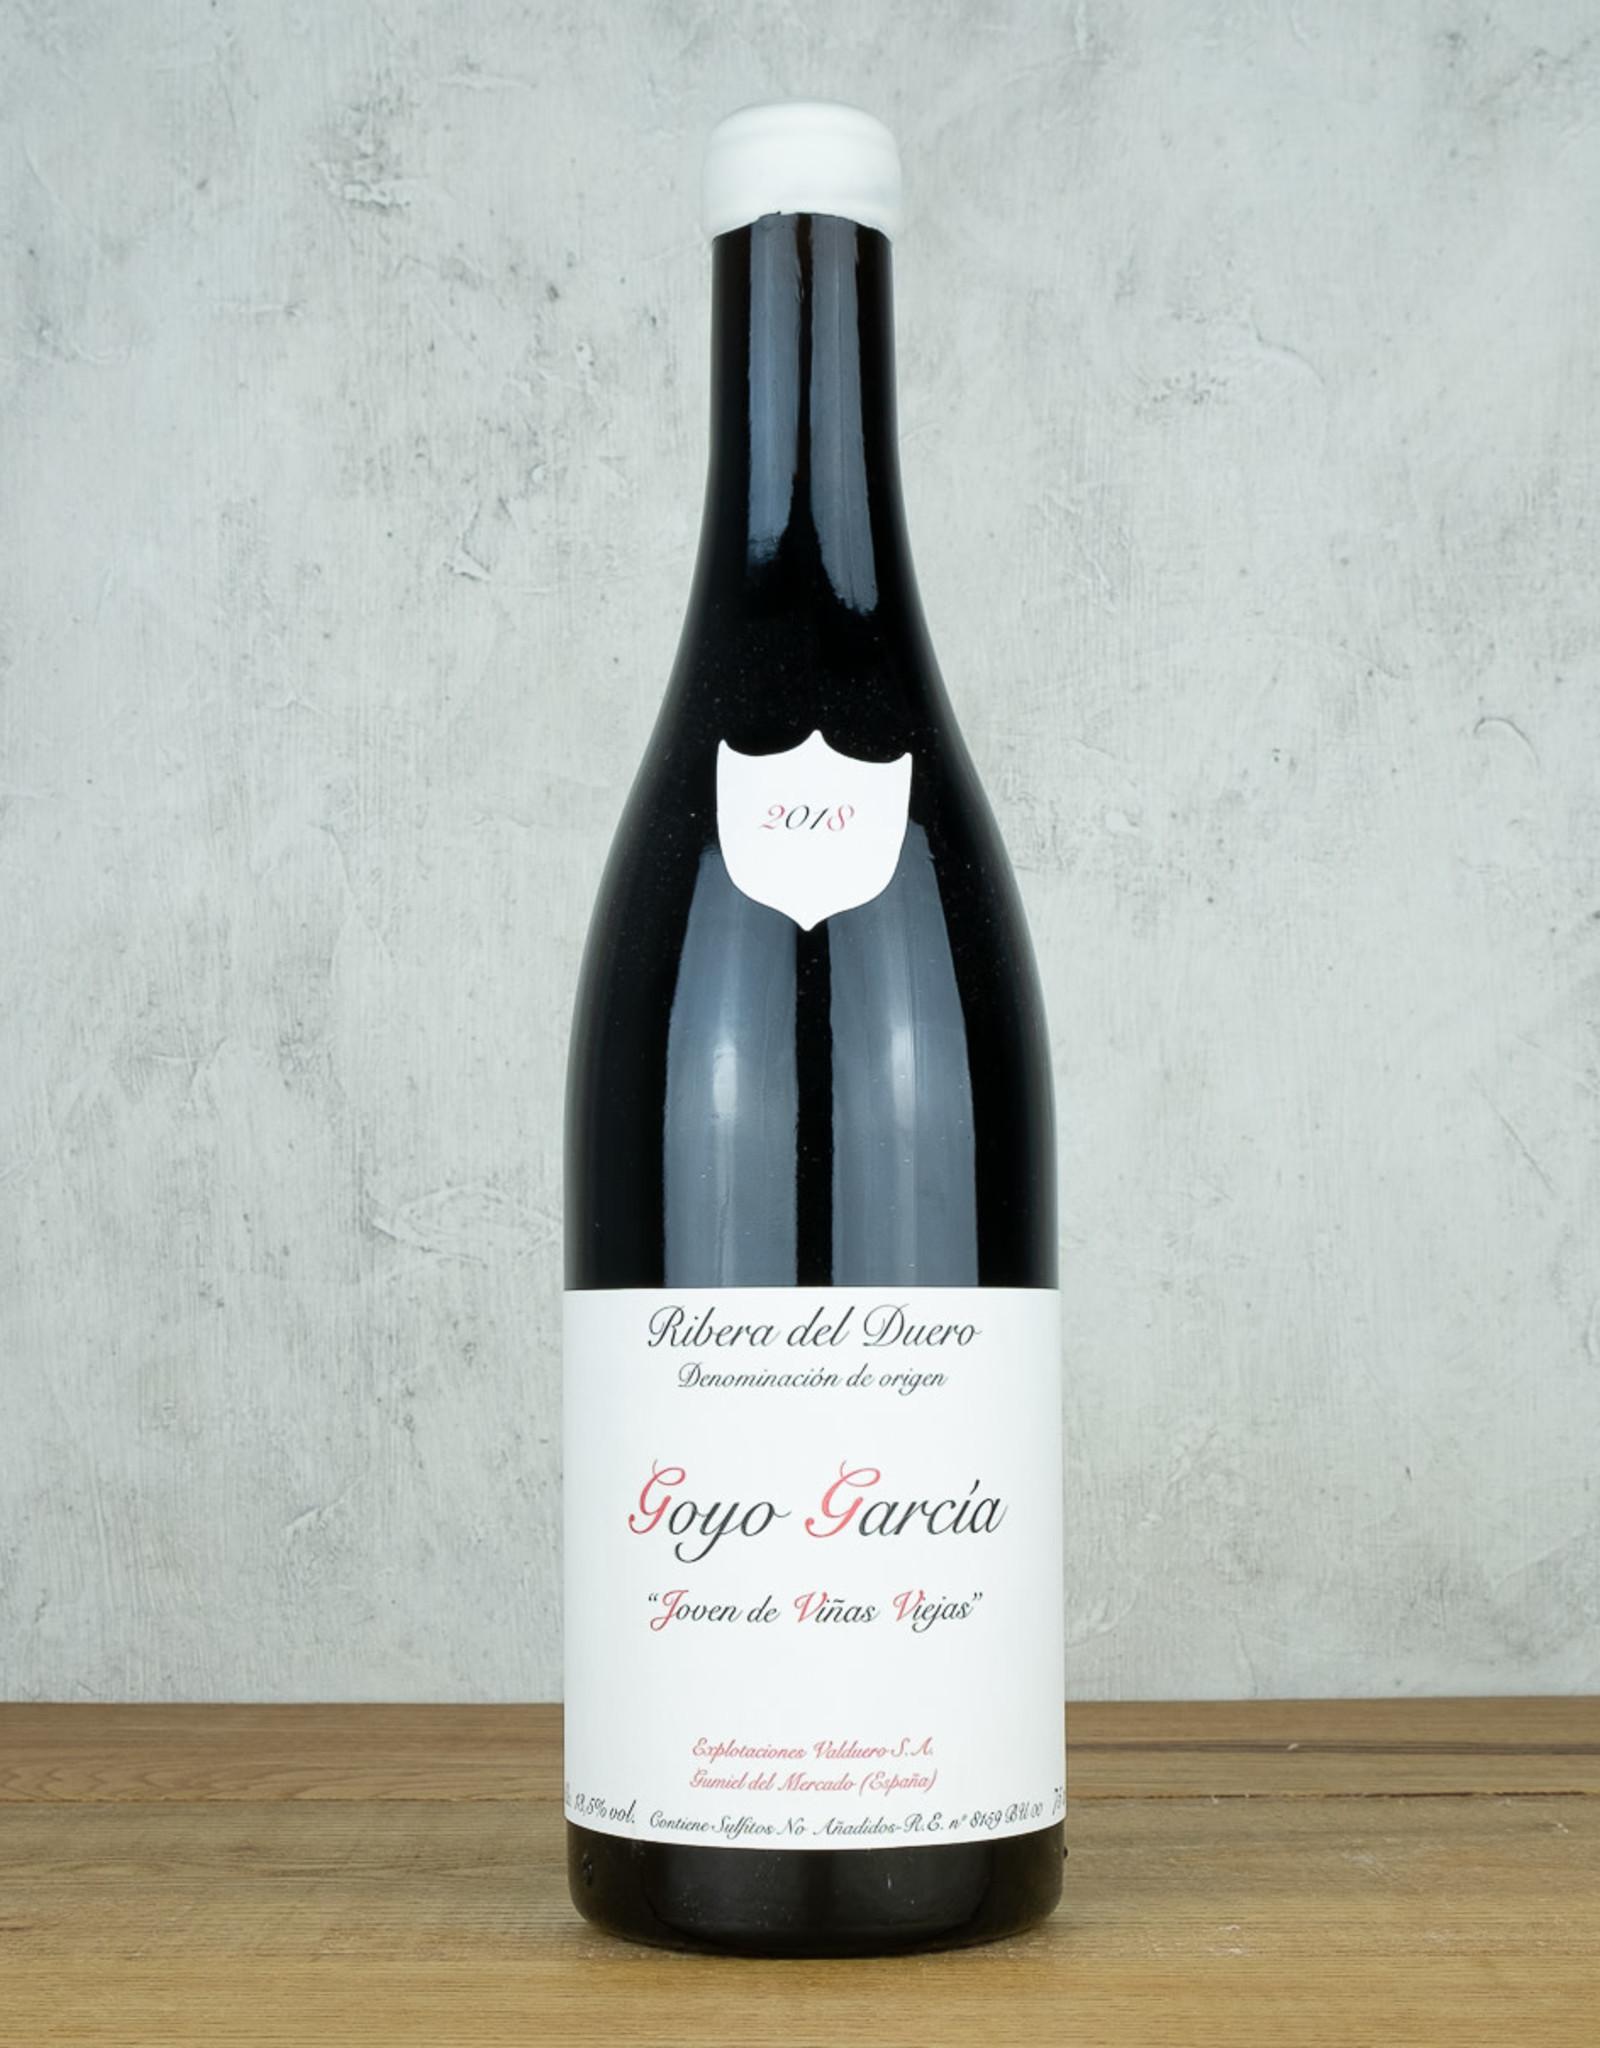 Goyo Garcia Vinas Viejas